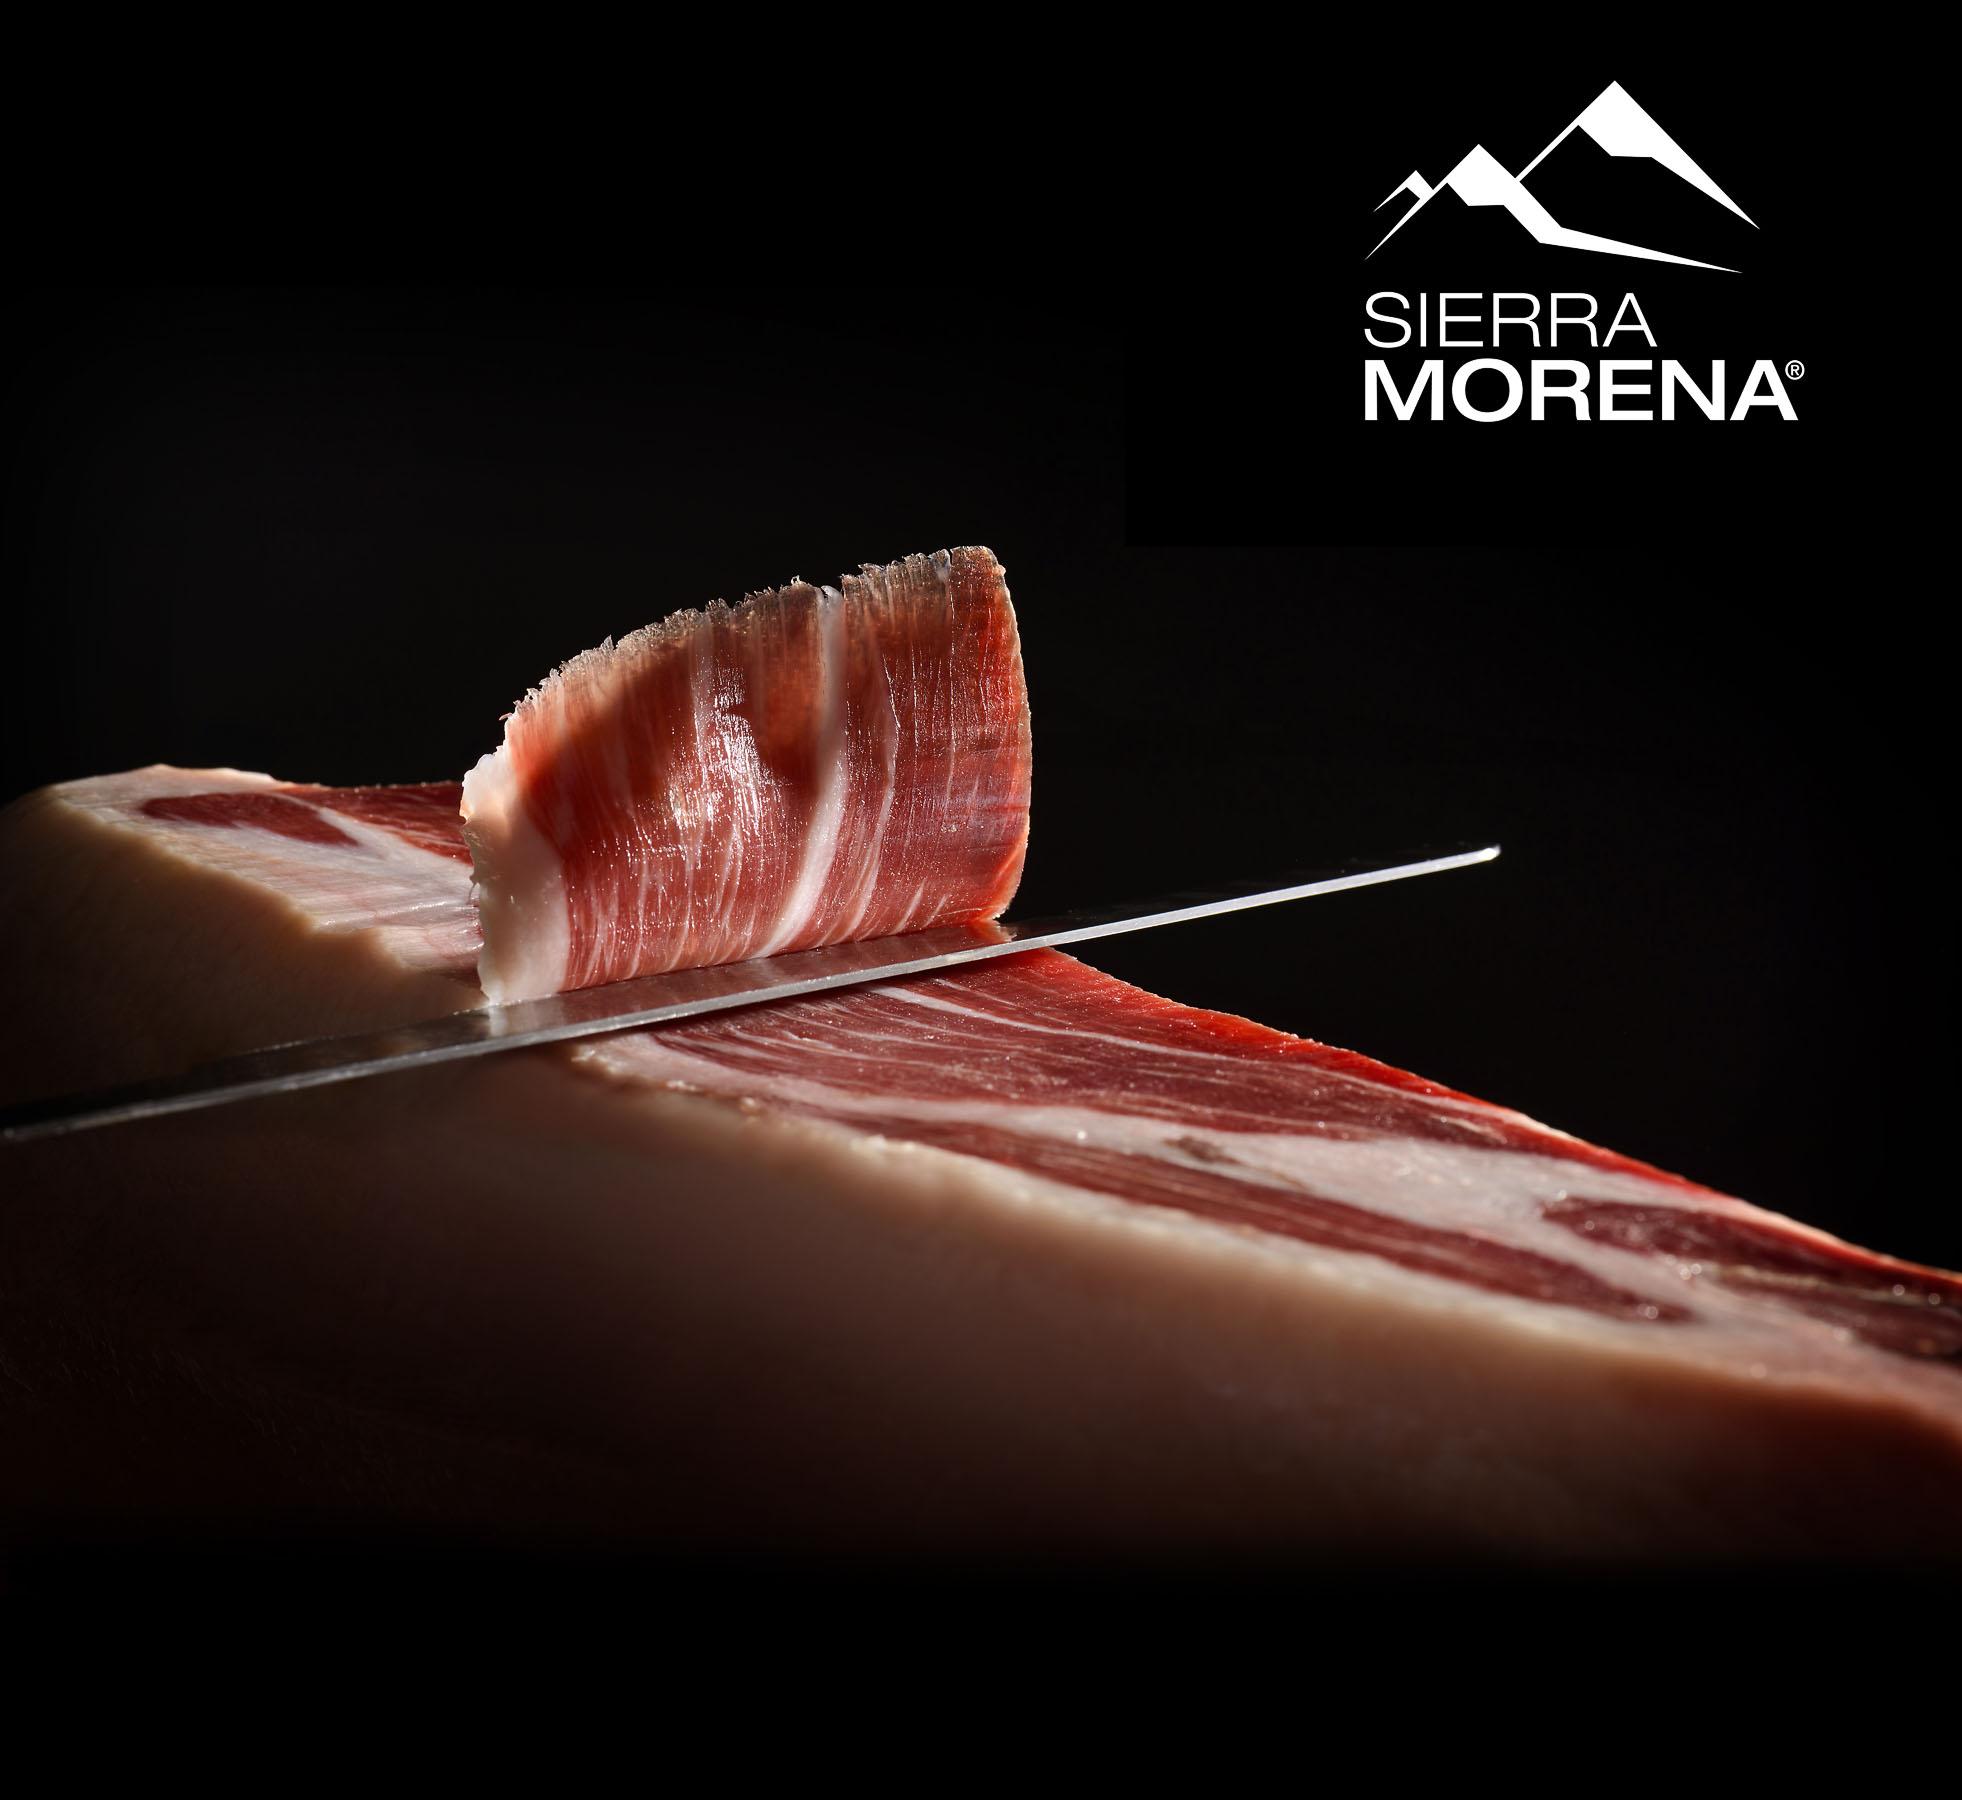 ramon-vaquero_alimentacion_sierramorena_jamon